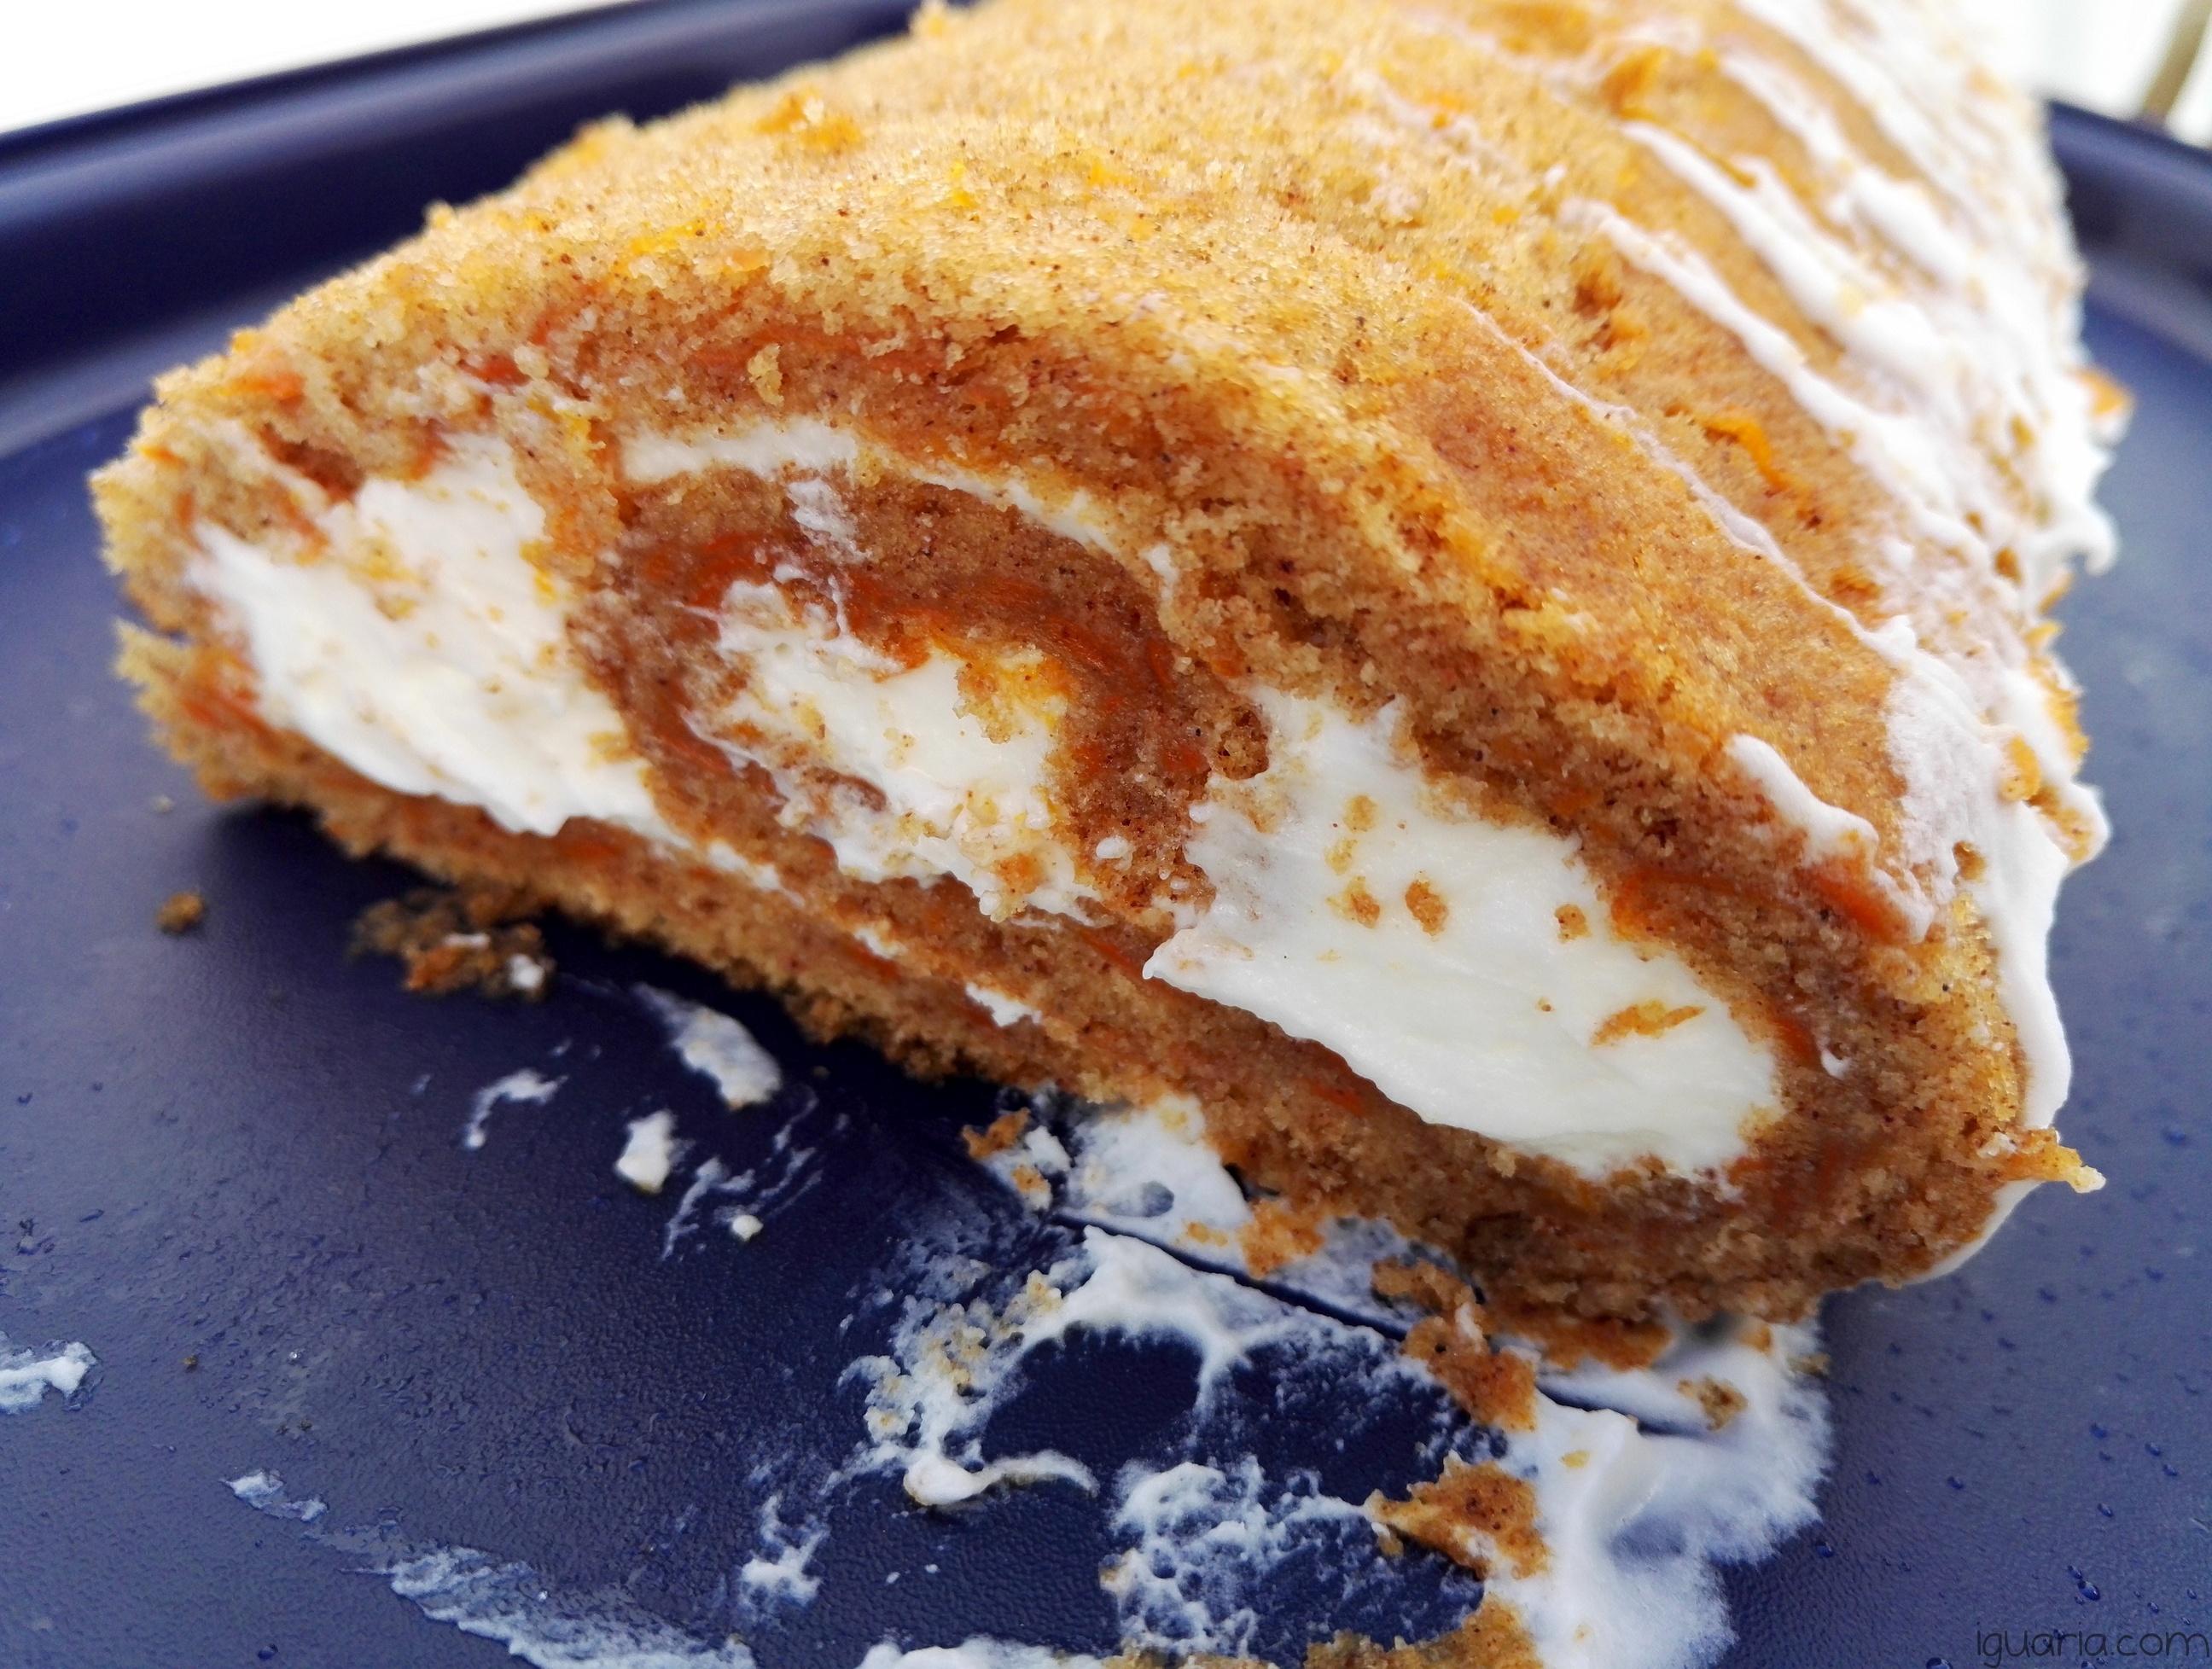 iguaria-torta-de-cenoura-recheada